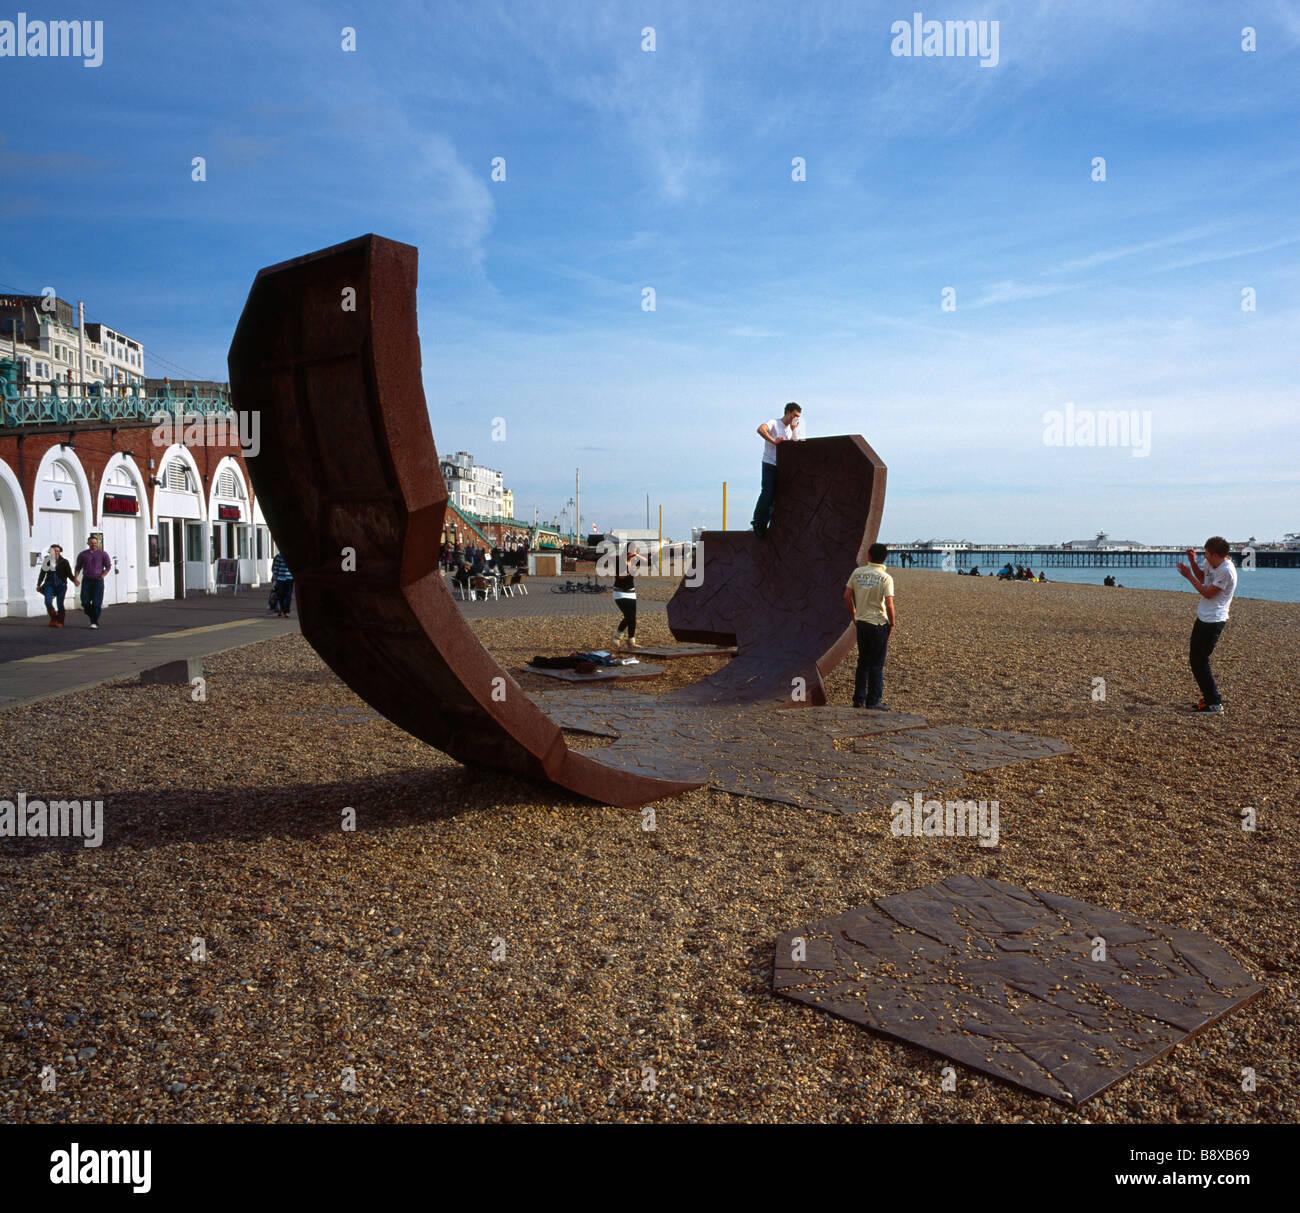 Adolescentes jugando en una escultura de arte moderno llamado pasacalles. La playa de Brighton, Sussex, Inglaterra, Reino Unido. Foto de stock